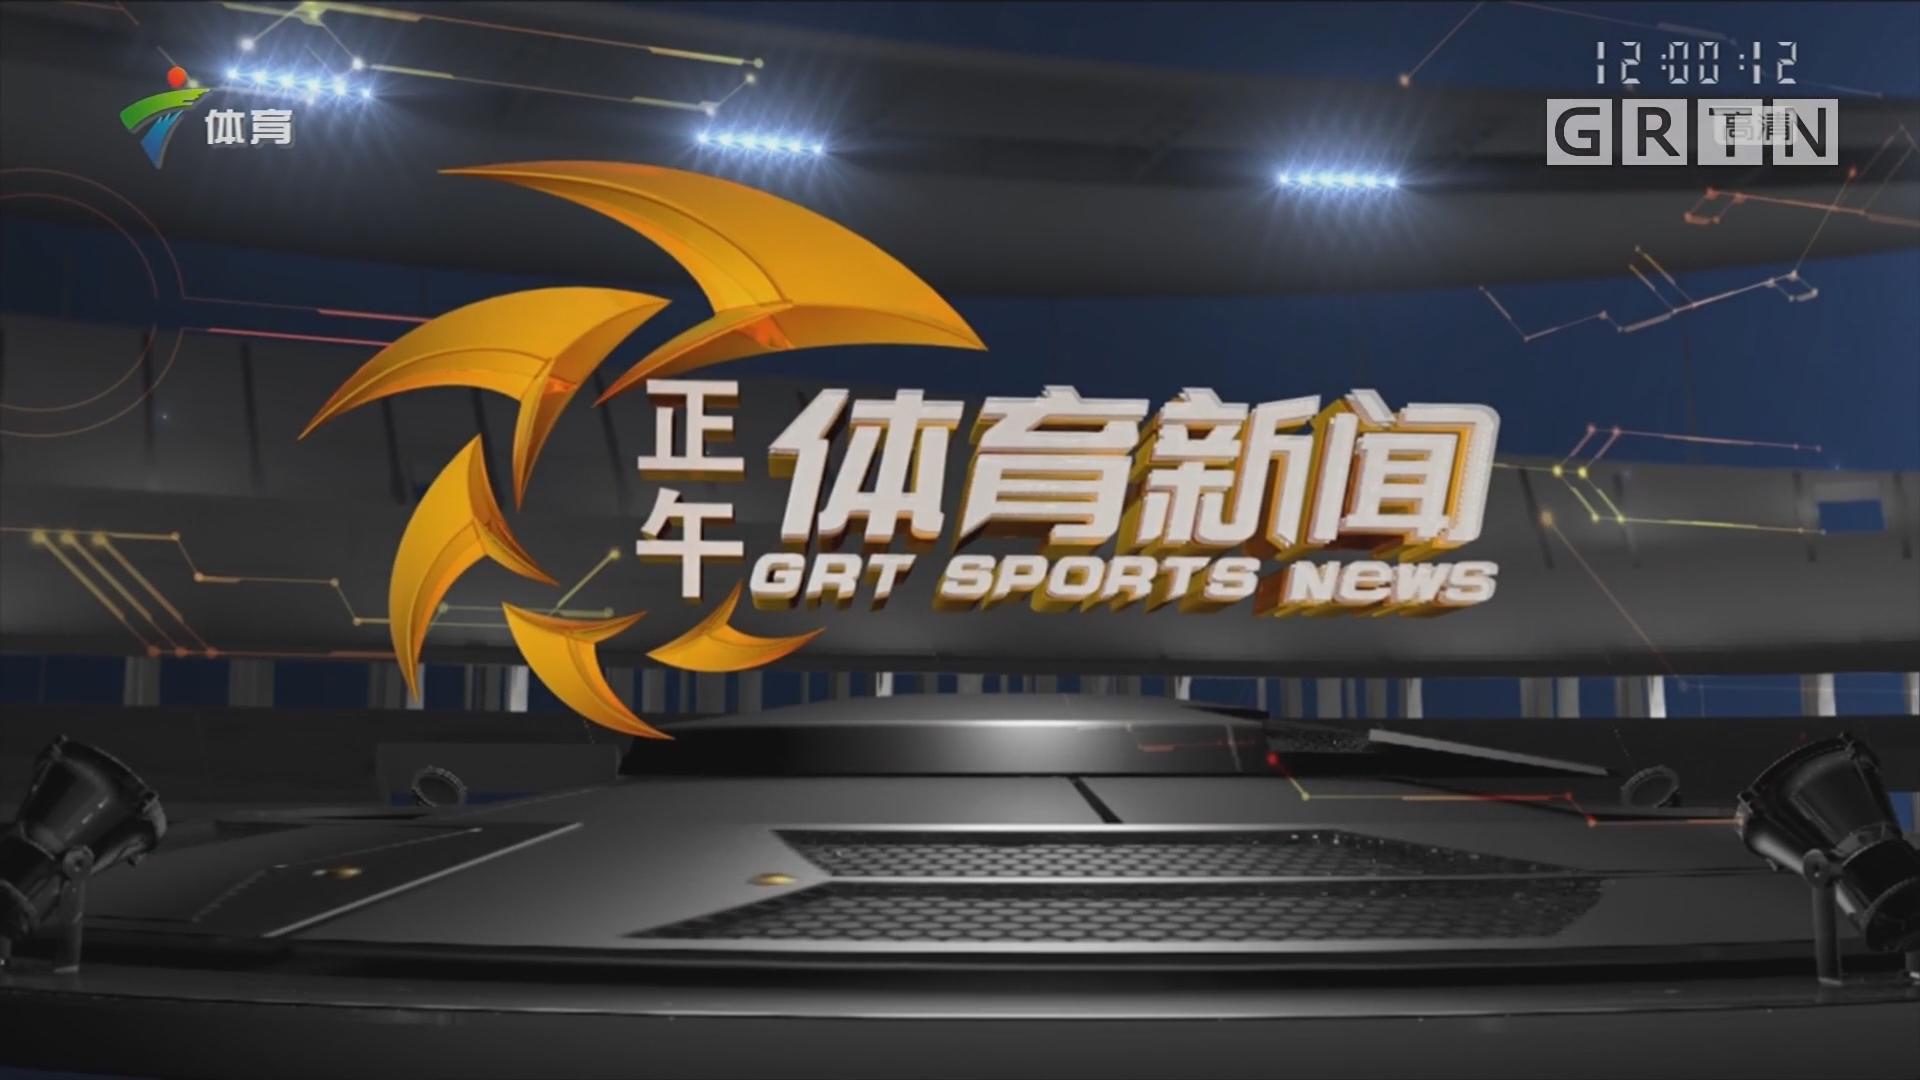 [HD][2018-09-22]正午体育新闻:力挫佩特科维奇 王蔷晋级广网决赛